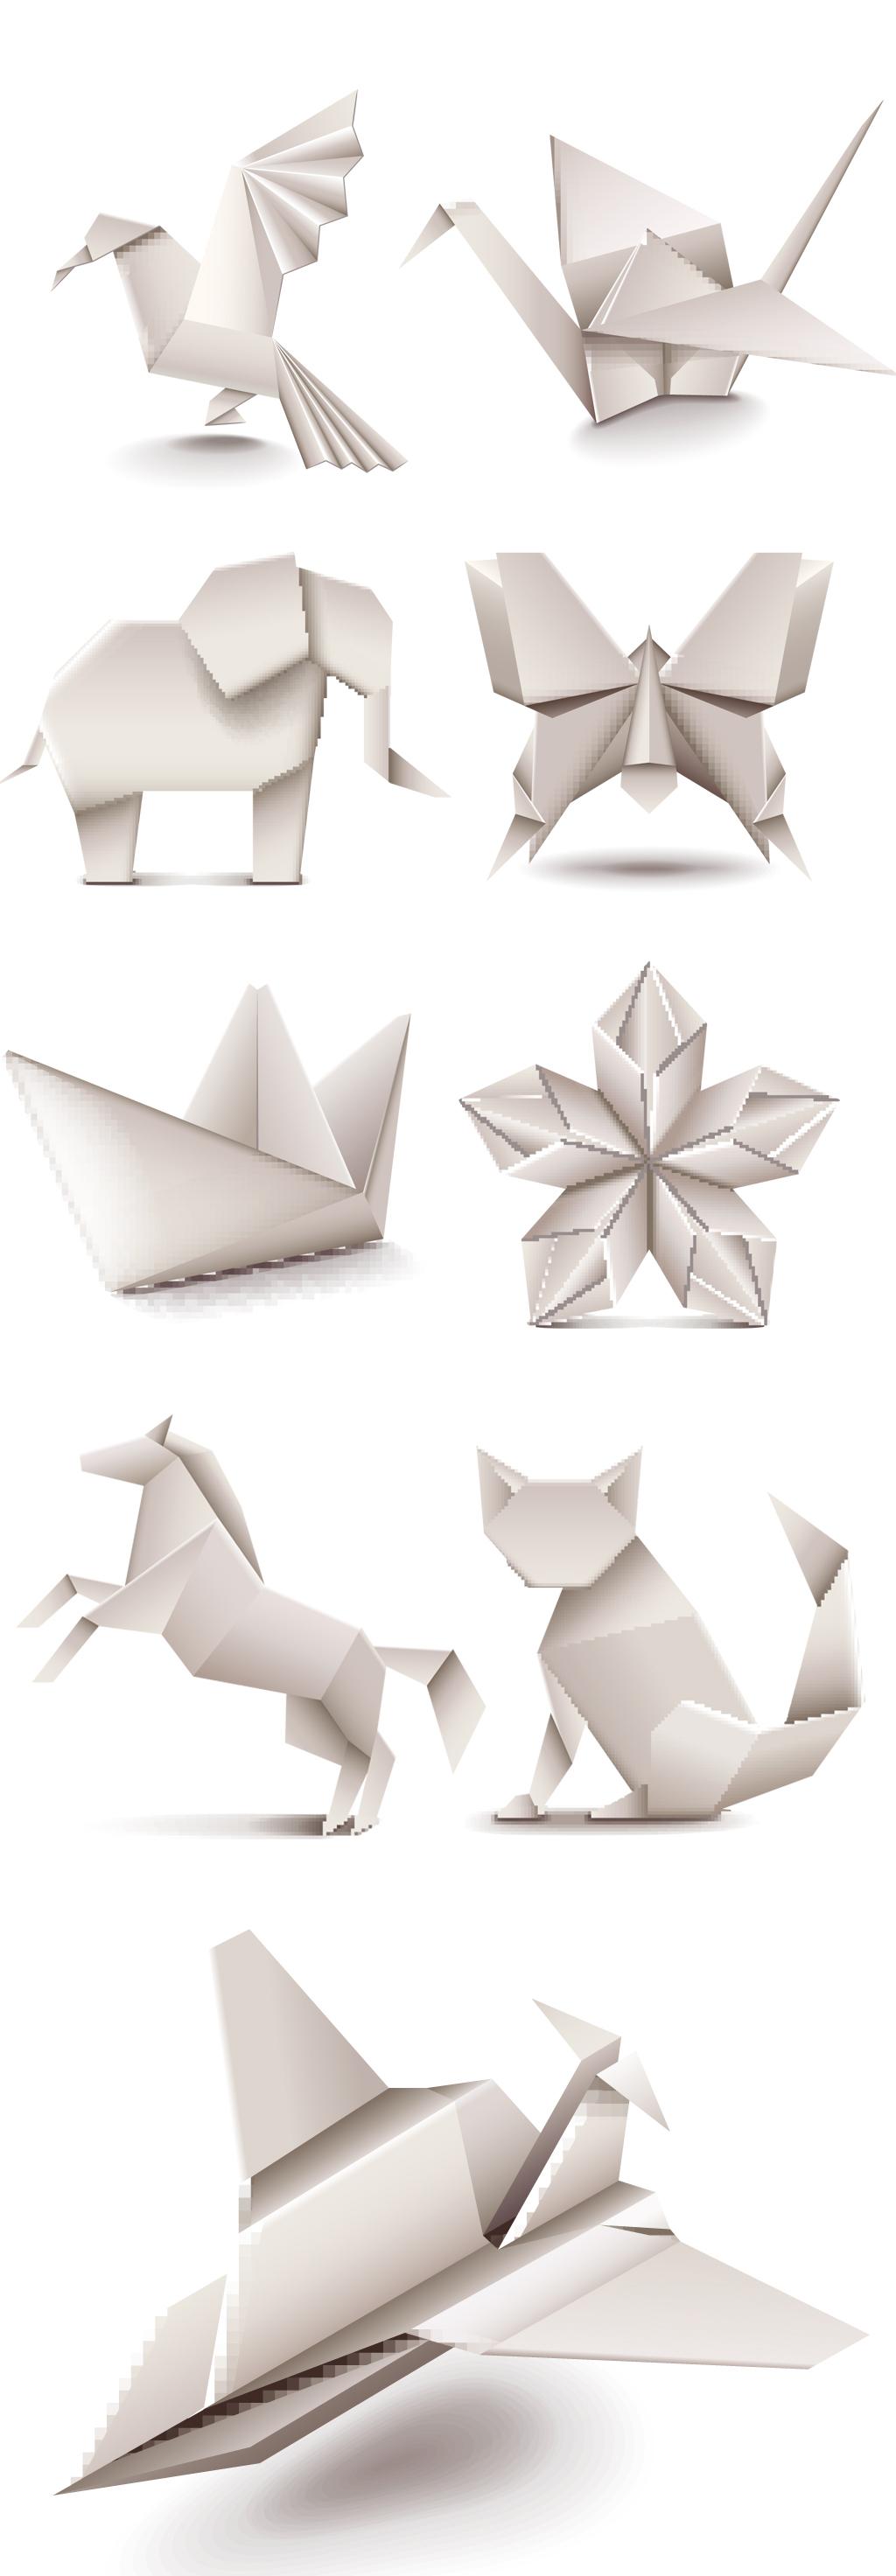 纸张折叠纸折纸折叠千纸鹤动物折纸卡通动物